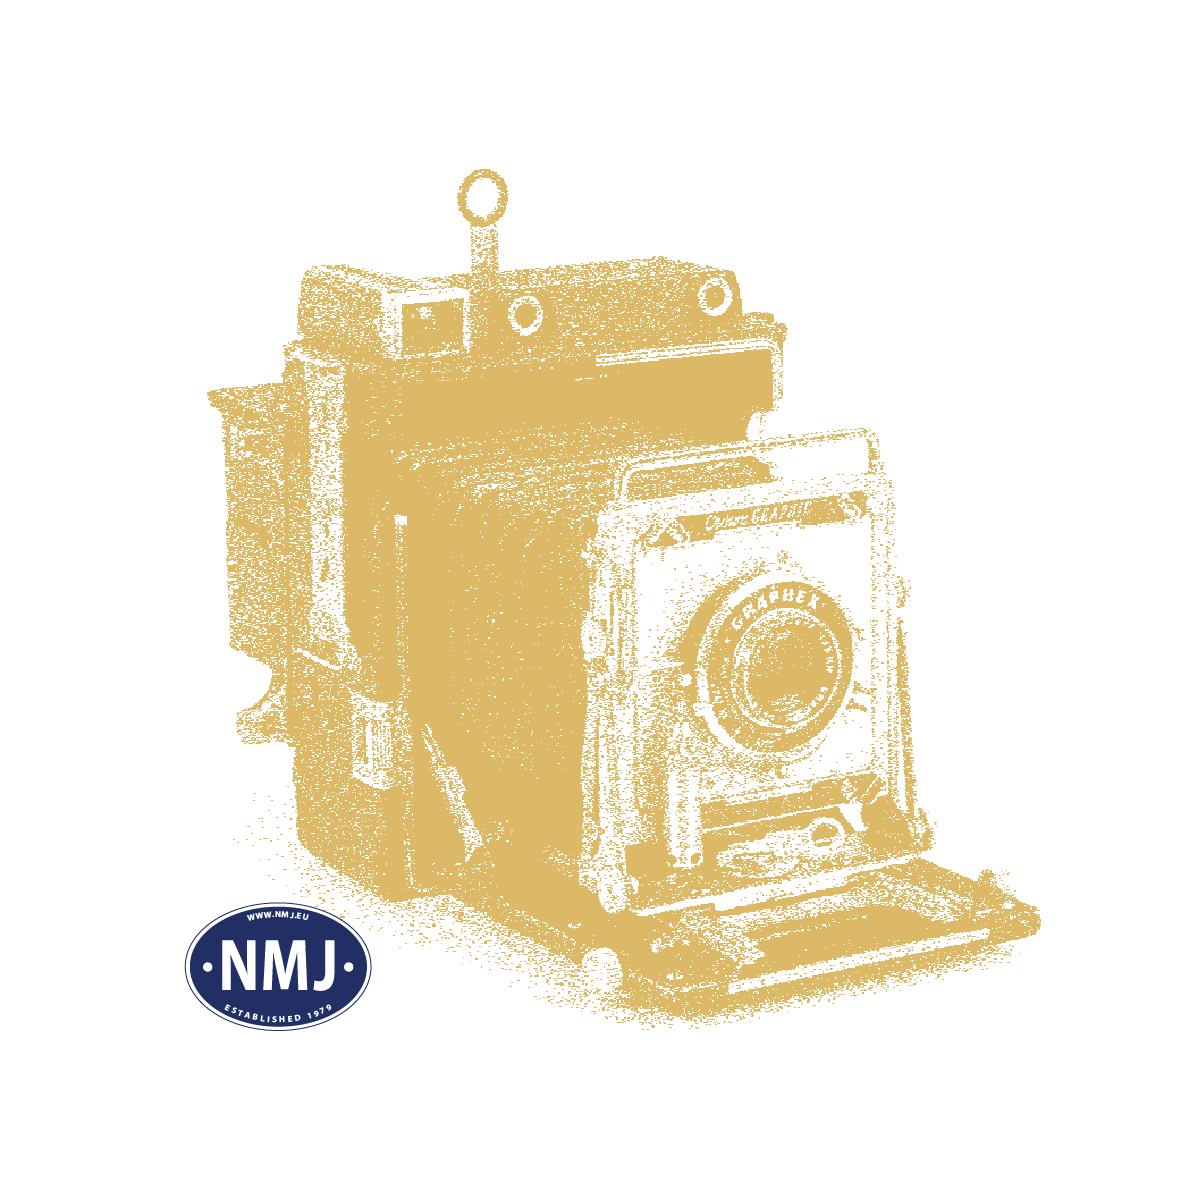 NMJ0G4-7 - NMJ Superline NSB Gbkls 20 76 158 6294-3, 7,2 m Aks. Avs., 0-Scala